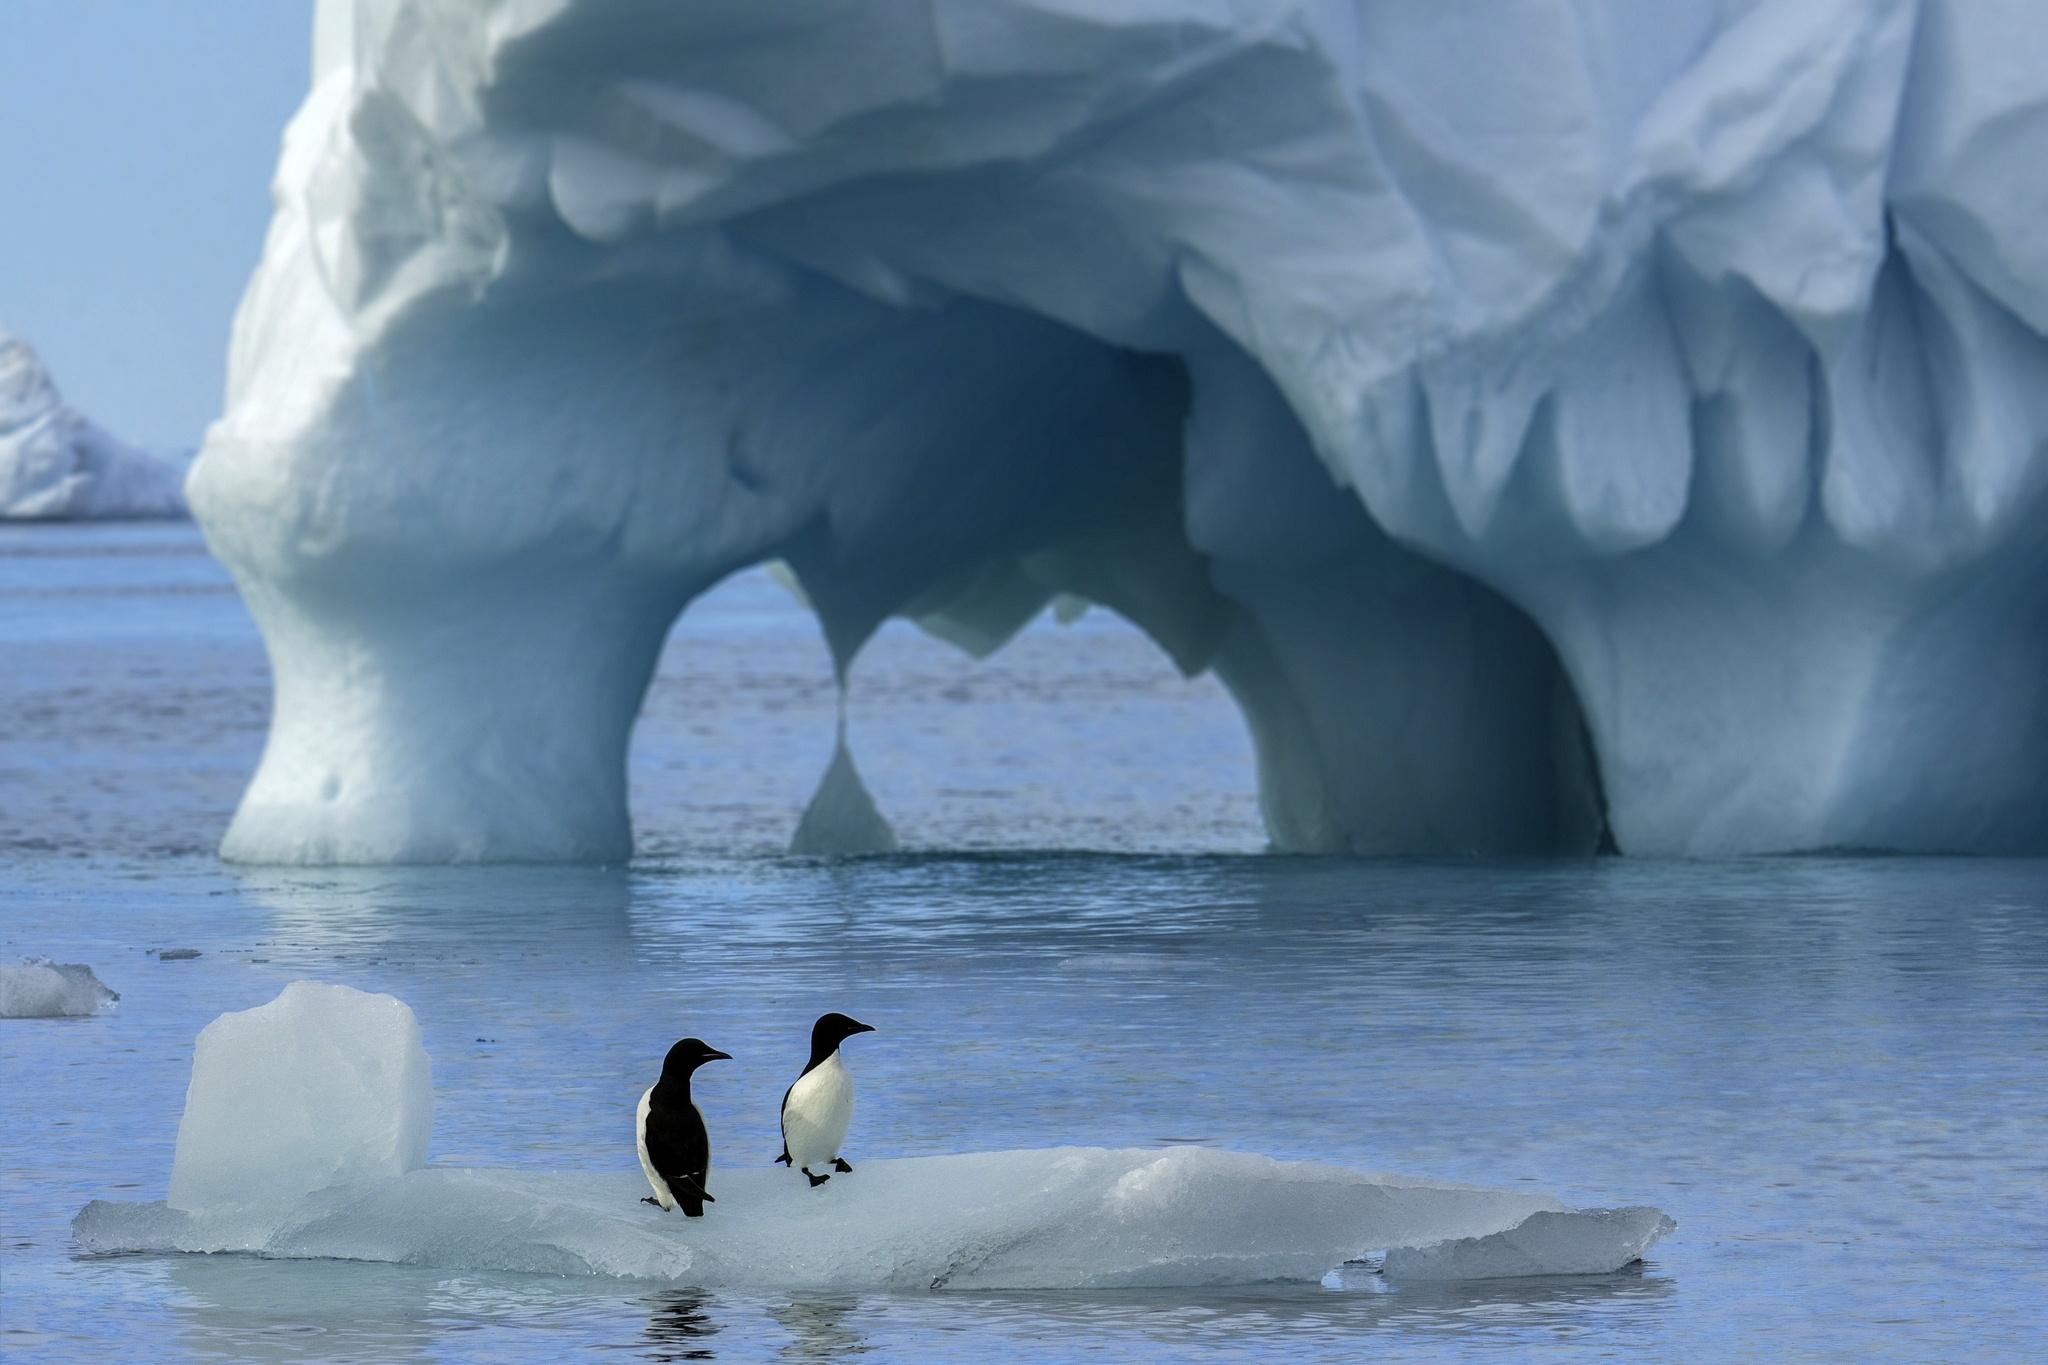 обои на рабочий стол пингвины на льдине это удивительно, ведь